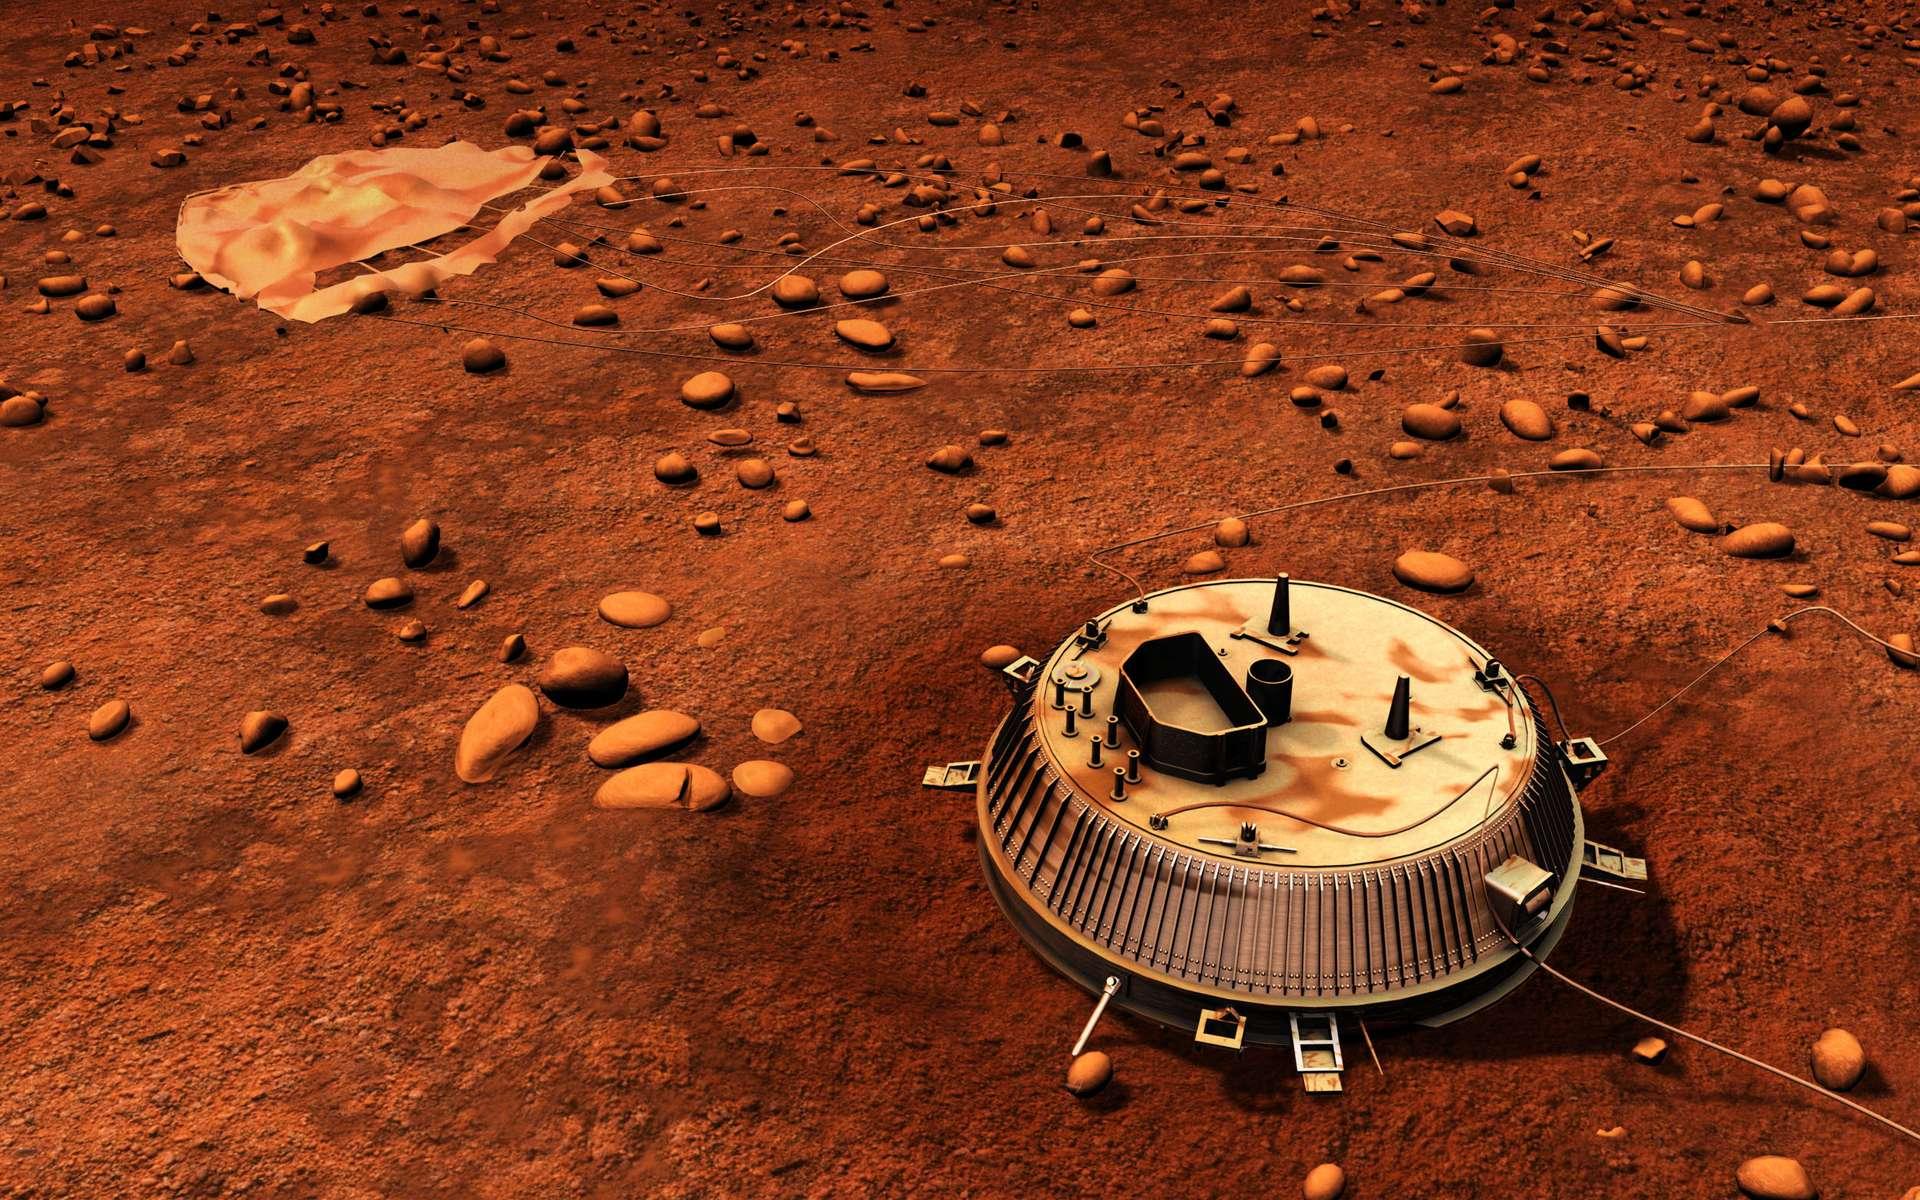 Une vue d'artiste de Huygens sur Titan. Cela fait 10 ans que le module de l'Esa a touché le sol de la planète et transmet brièvement quelques images. © Esa, C. Carreau